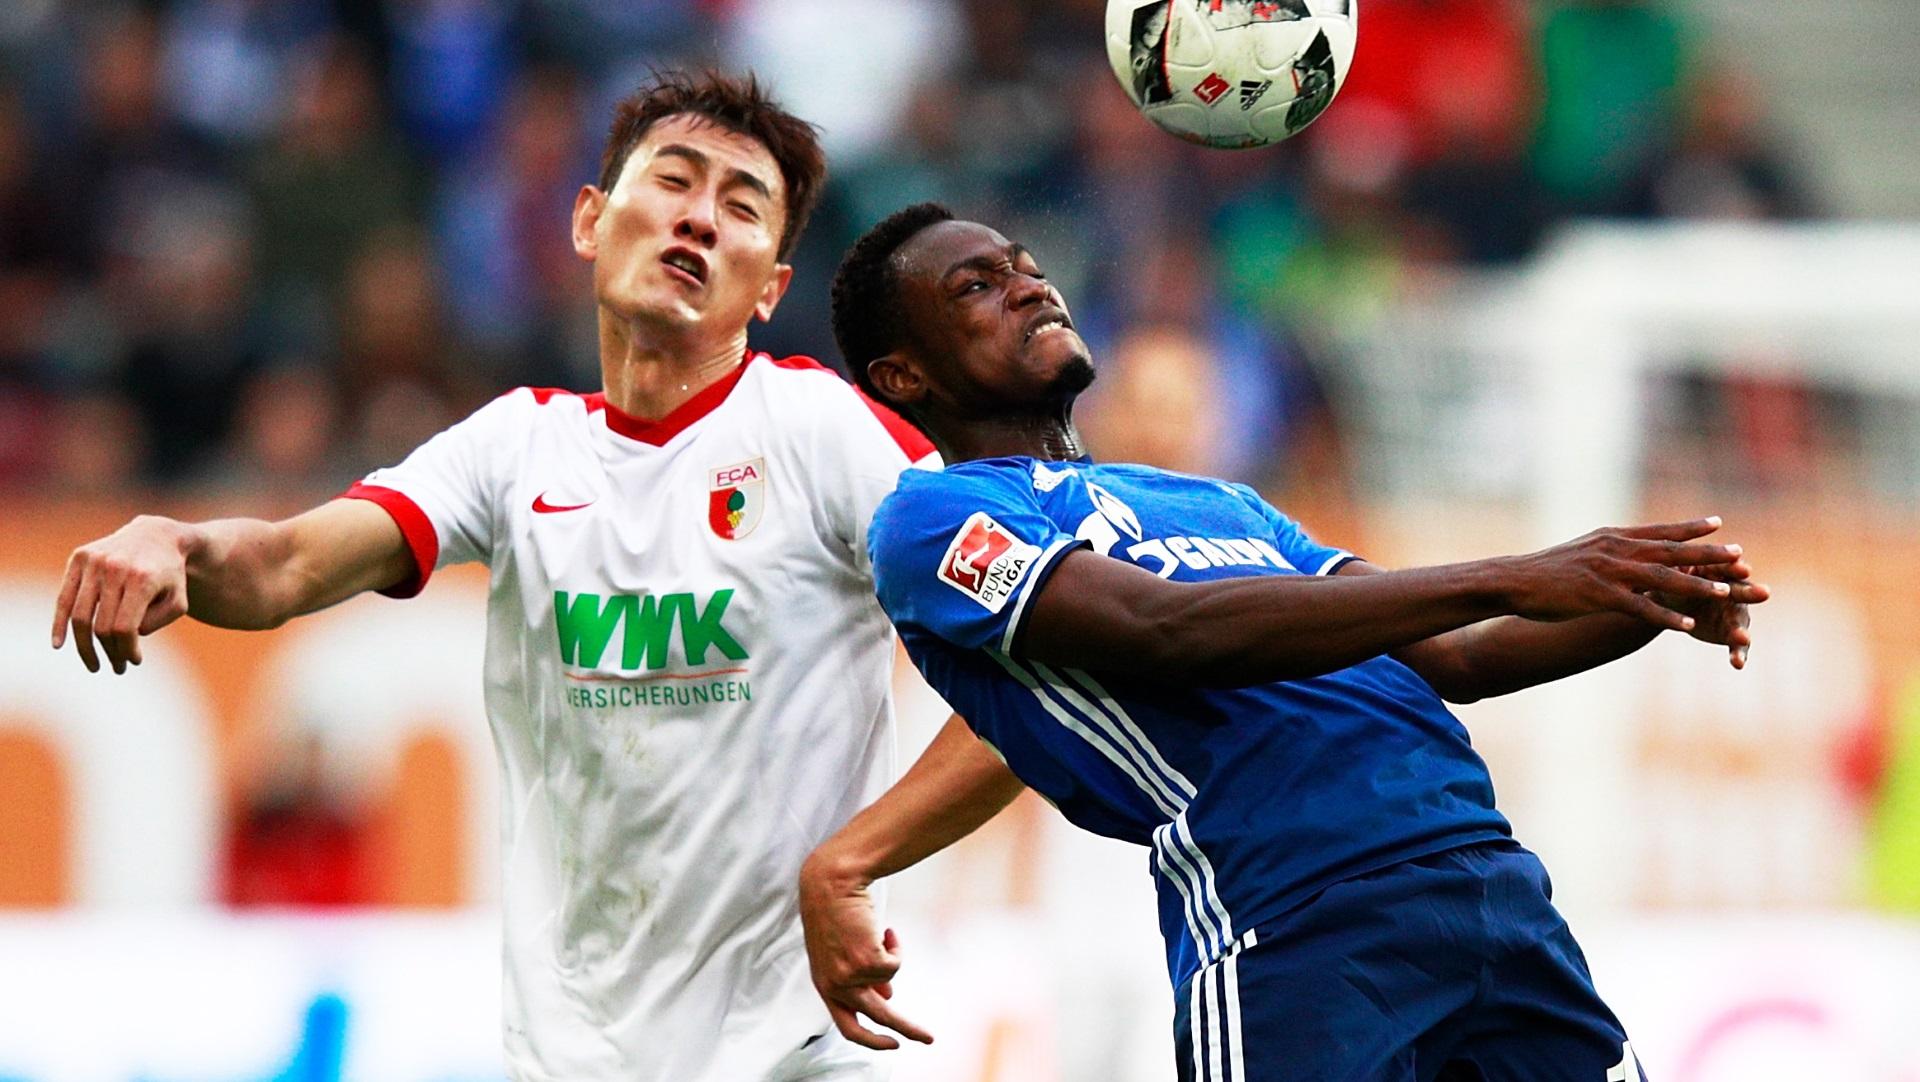 Schalke striker Breel Embolo out for 'at least 4-6 months'